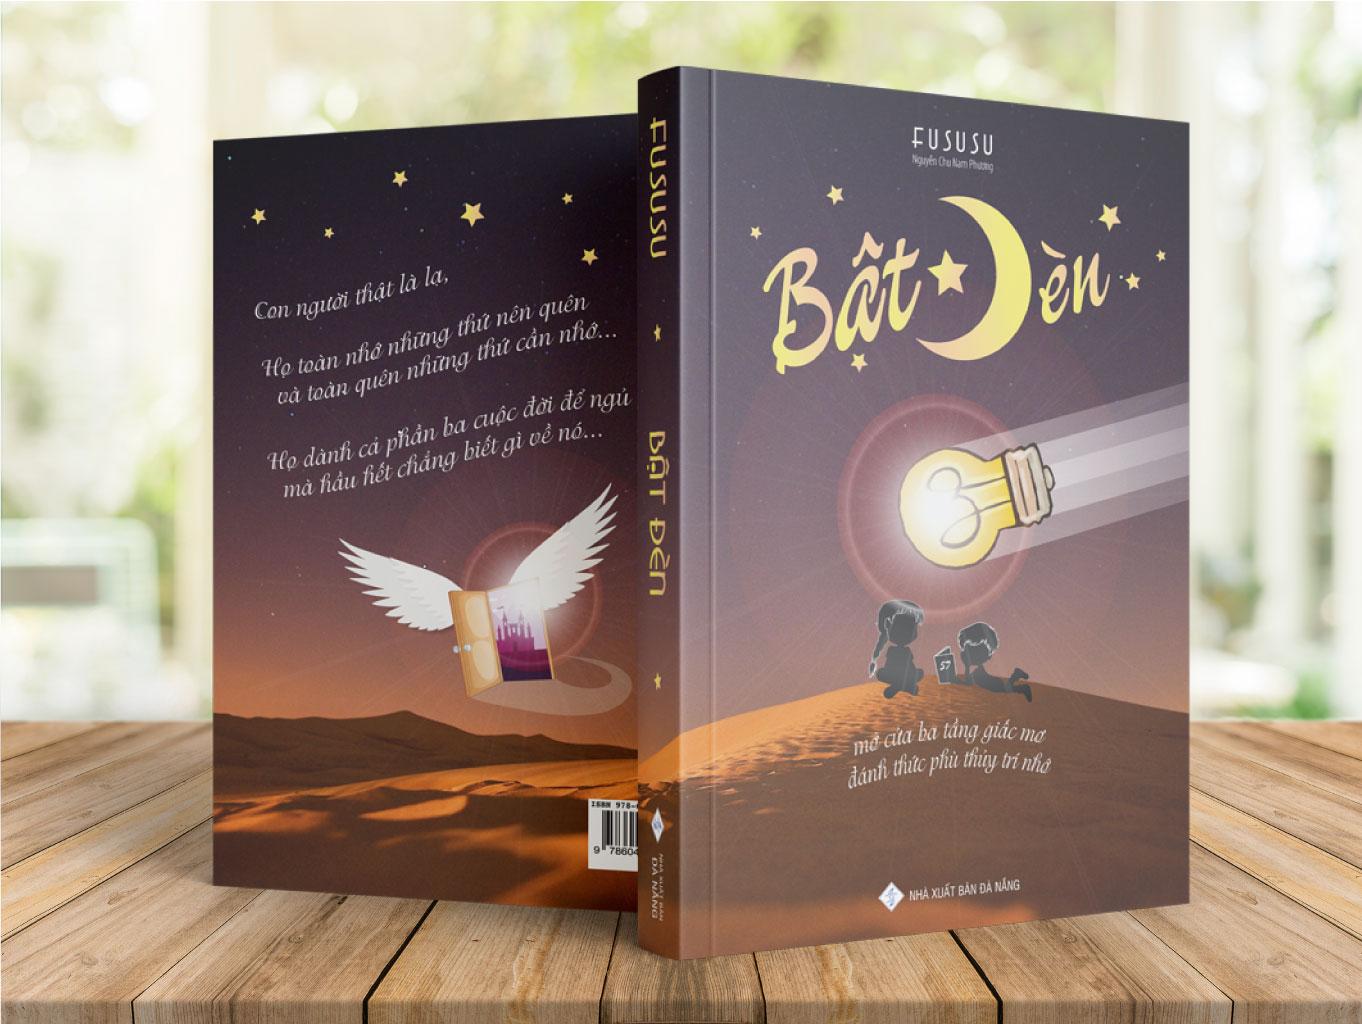 Tiểu thuyết Bật Đèn - Mở cửa ba tầng giấc mơ, đánh thức phù thủy trí nhớ - Fususu